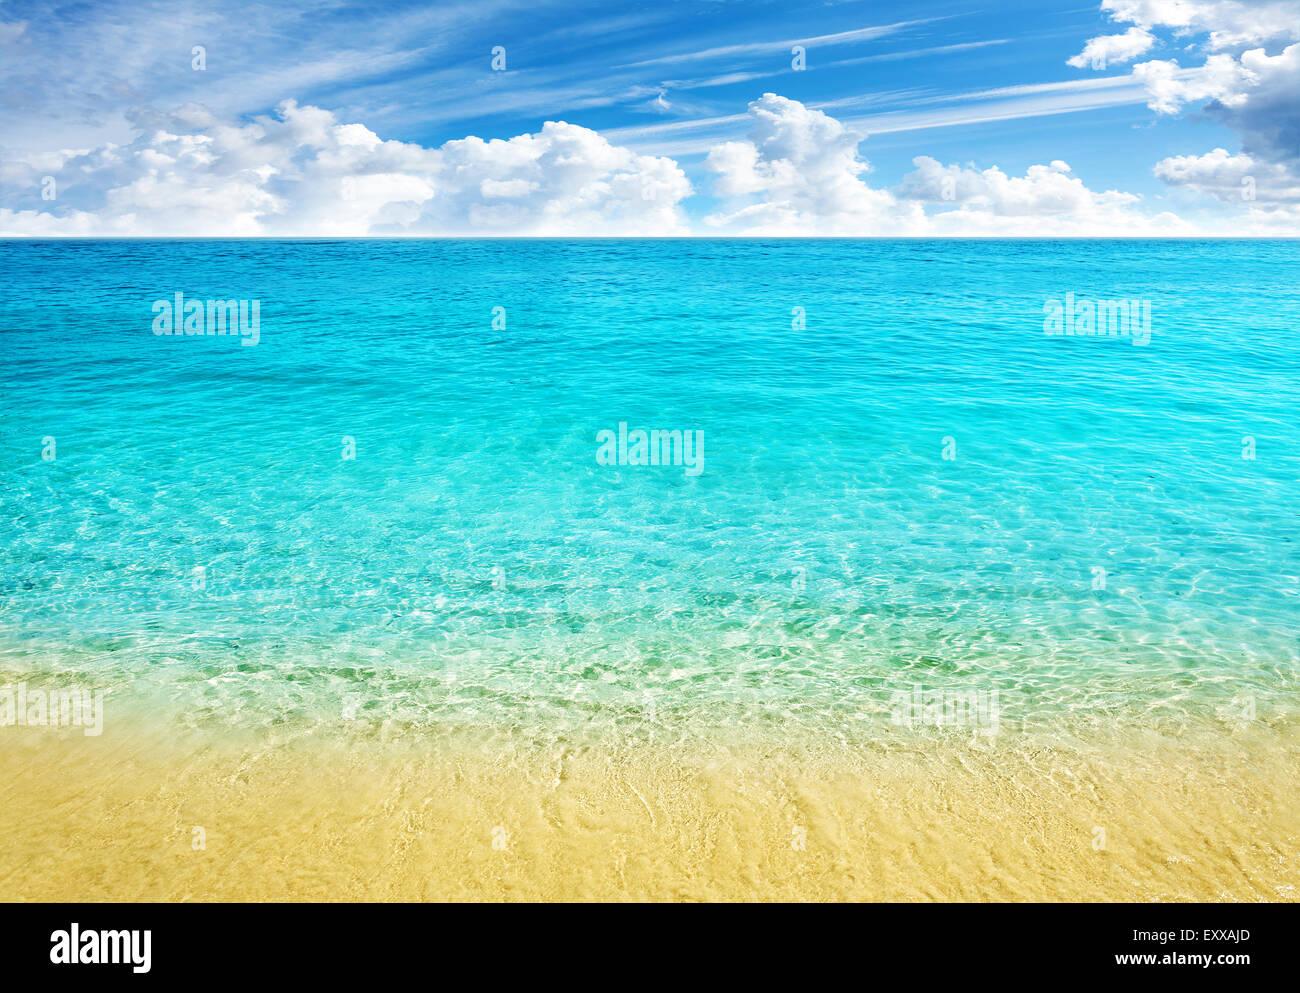 Sommer Strand Hintergrund, klares Wasser und blauen Wolkenhimmel. Stockbild